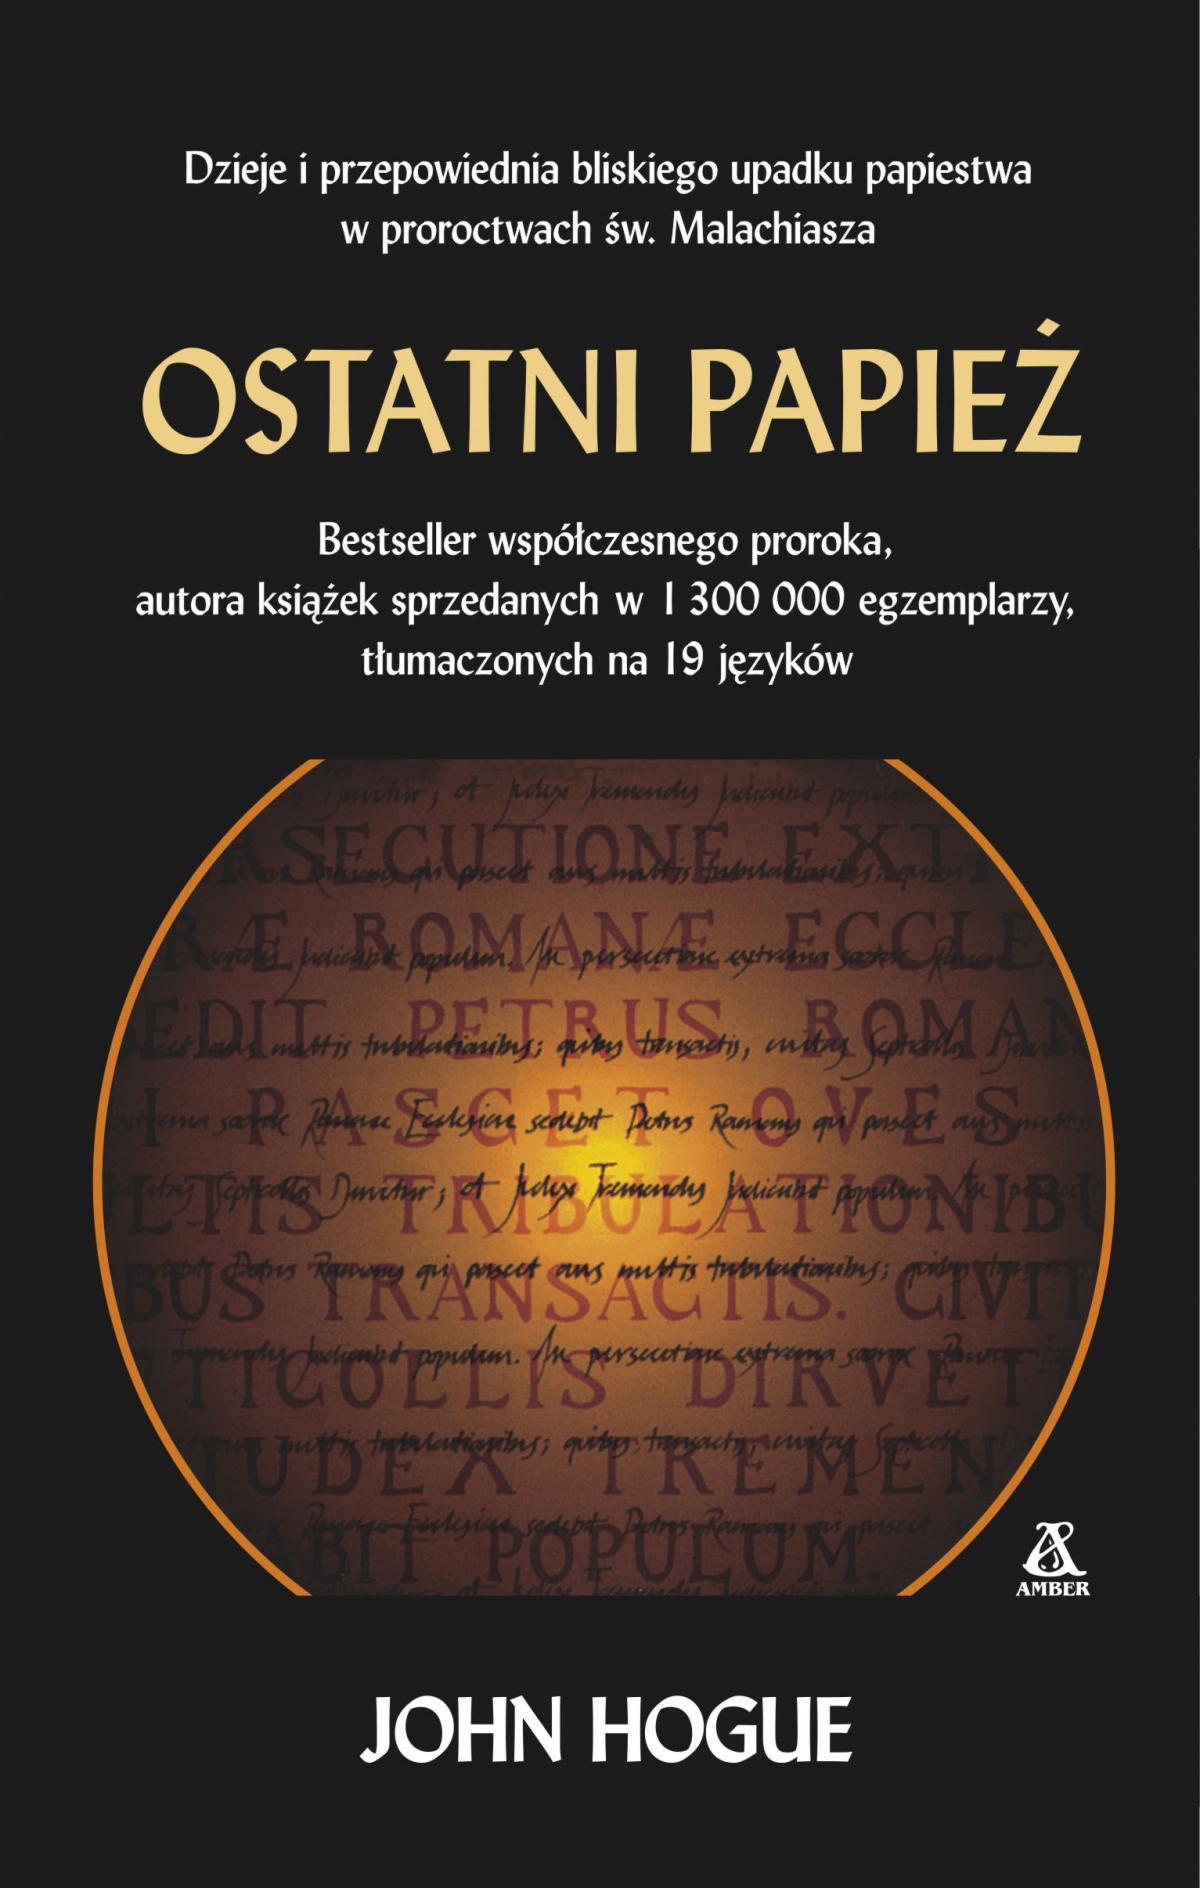 Ostatni papież - Ebook (Książka EPUB) do pobrania w formacie EPUB